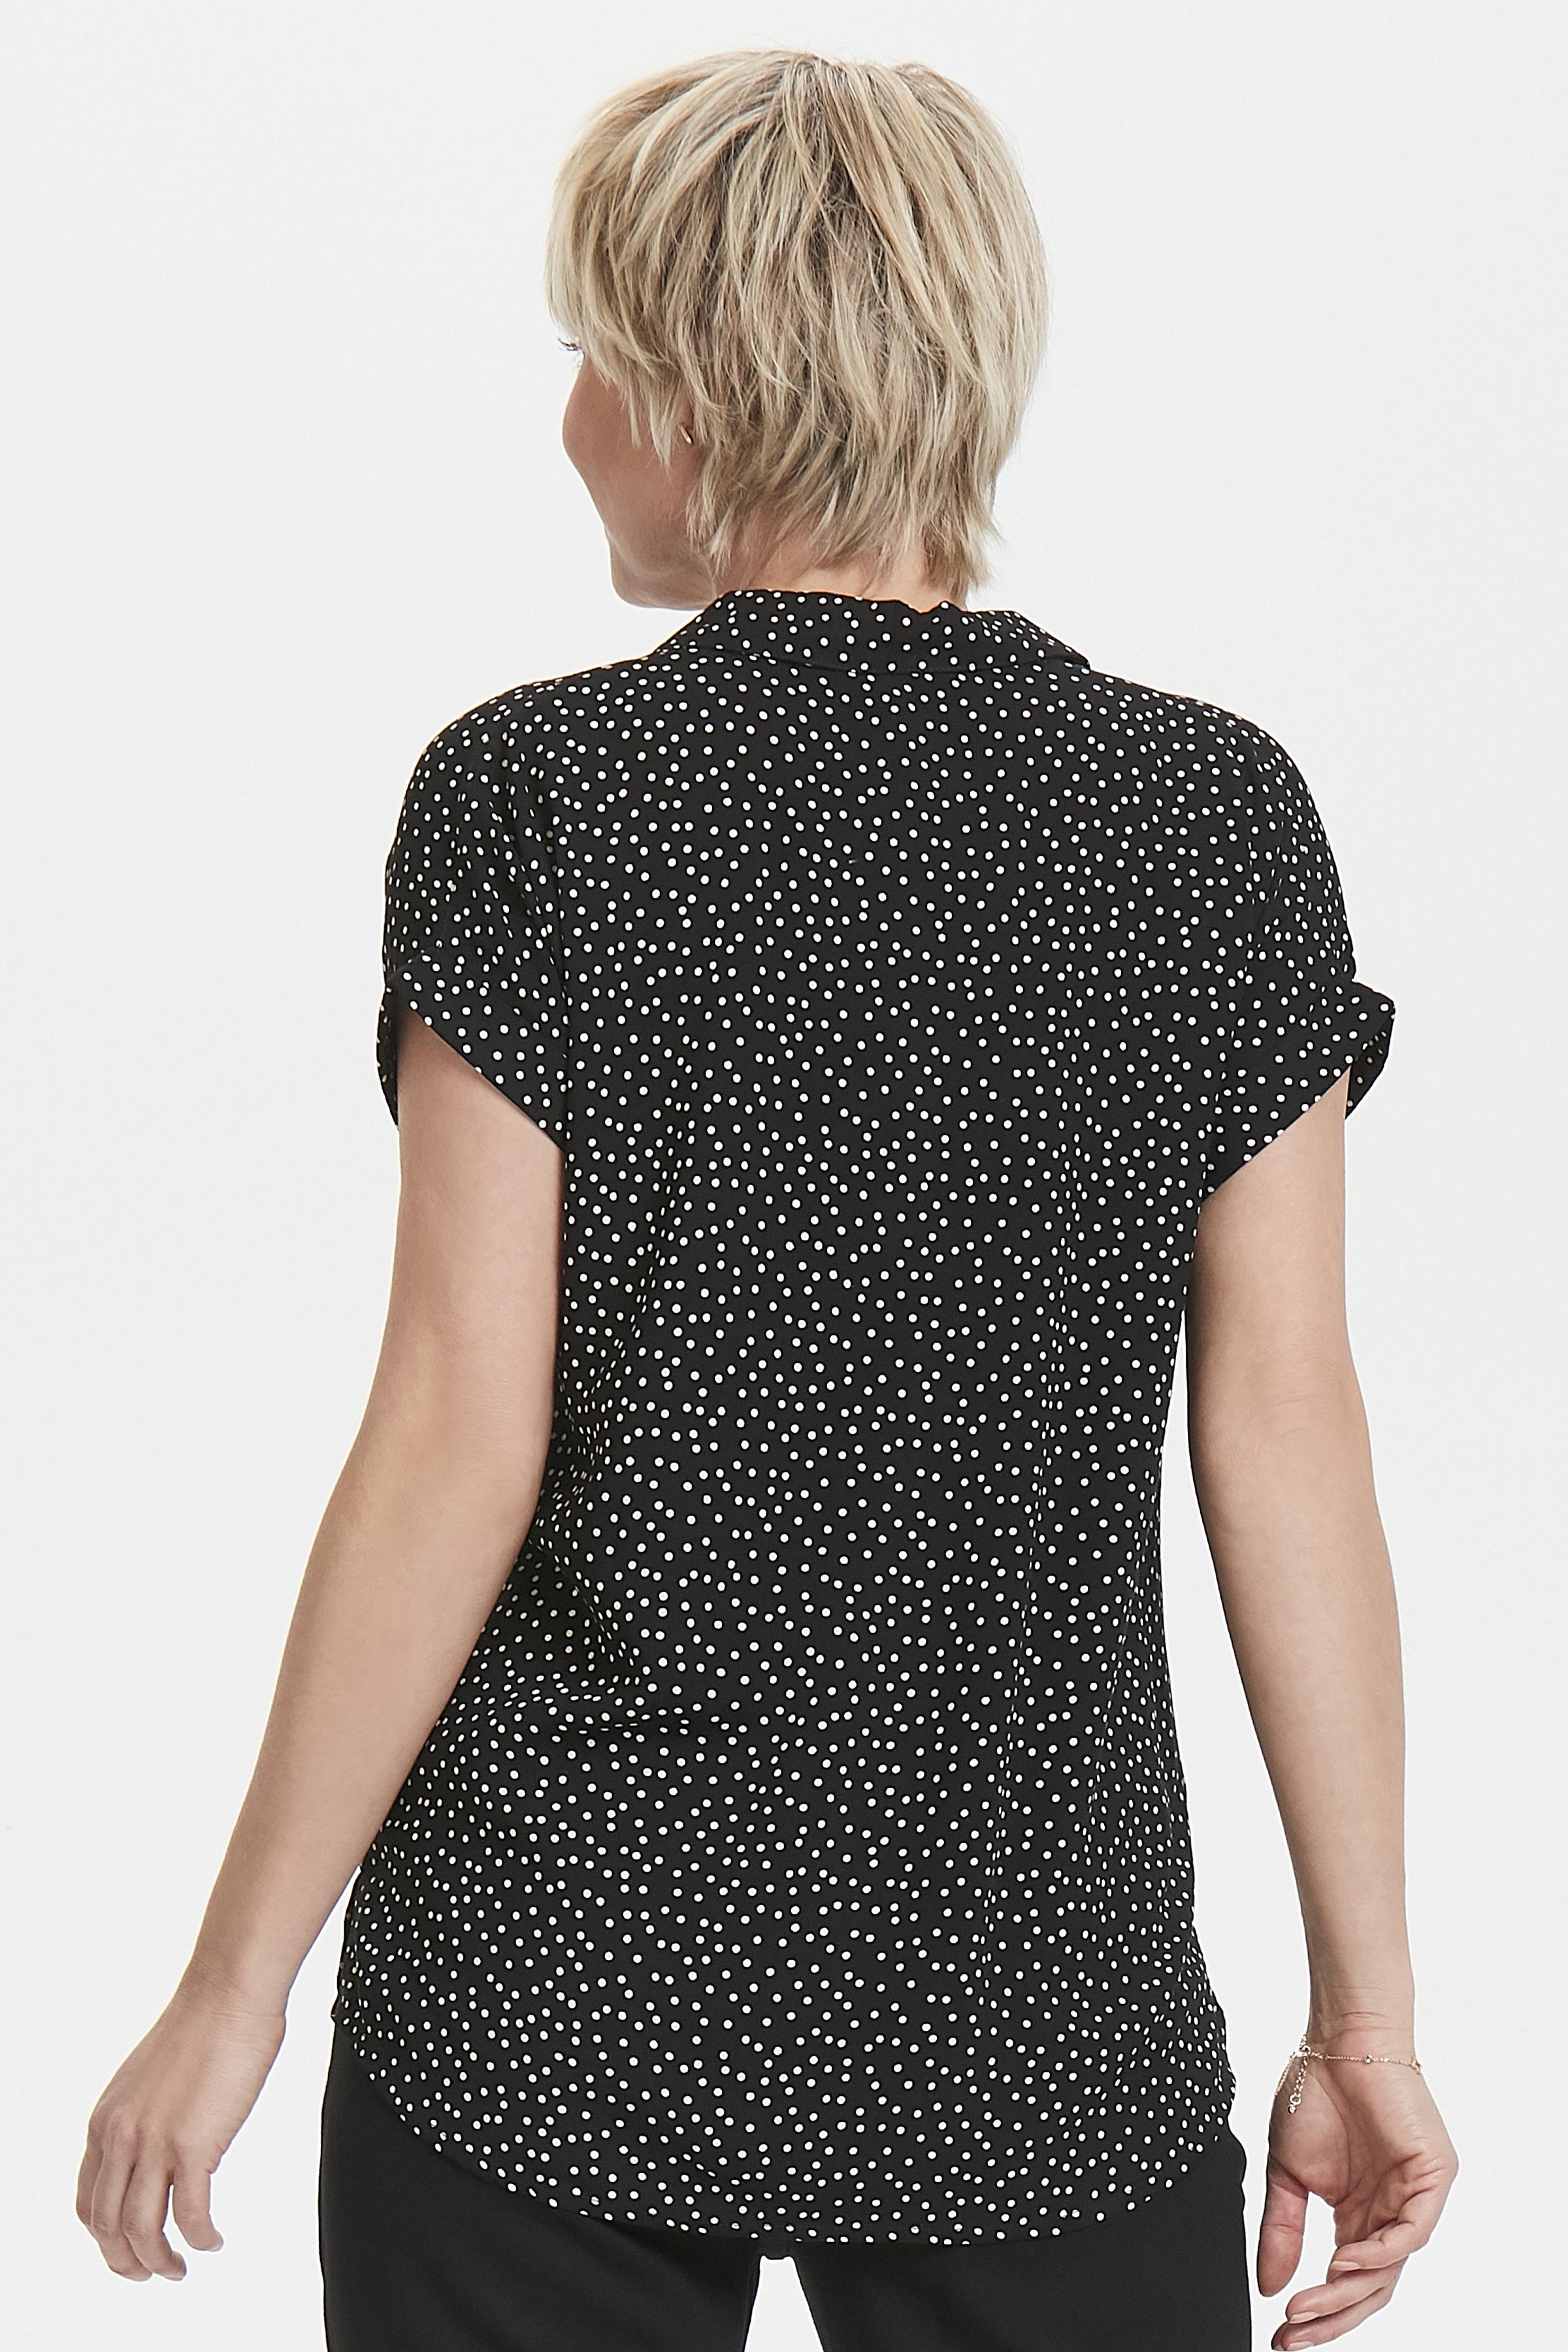 Sort/hvid Kortærmet skjorte fra Bon'A Parte – Køb Sort/hvid Kortærmet skjorte fra str. S-2XL her